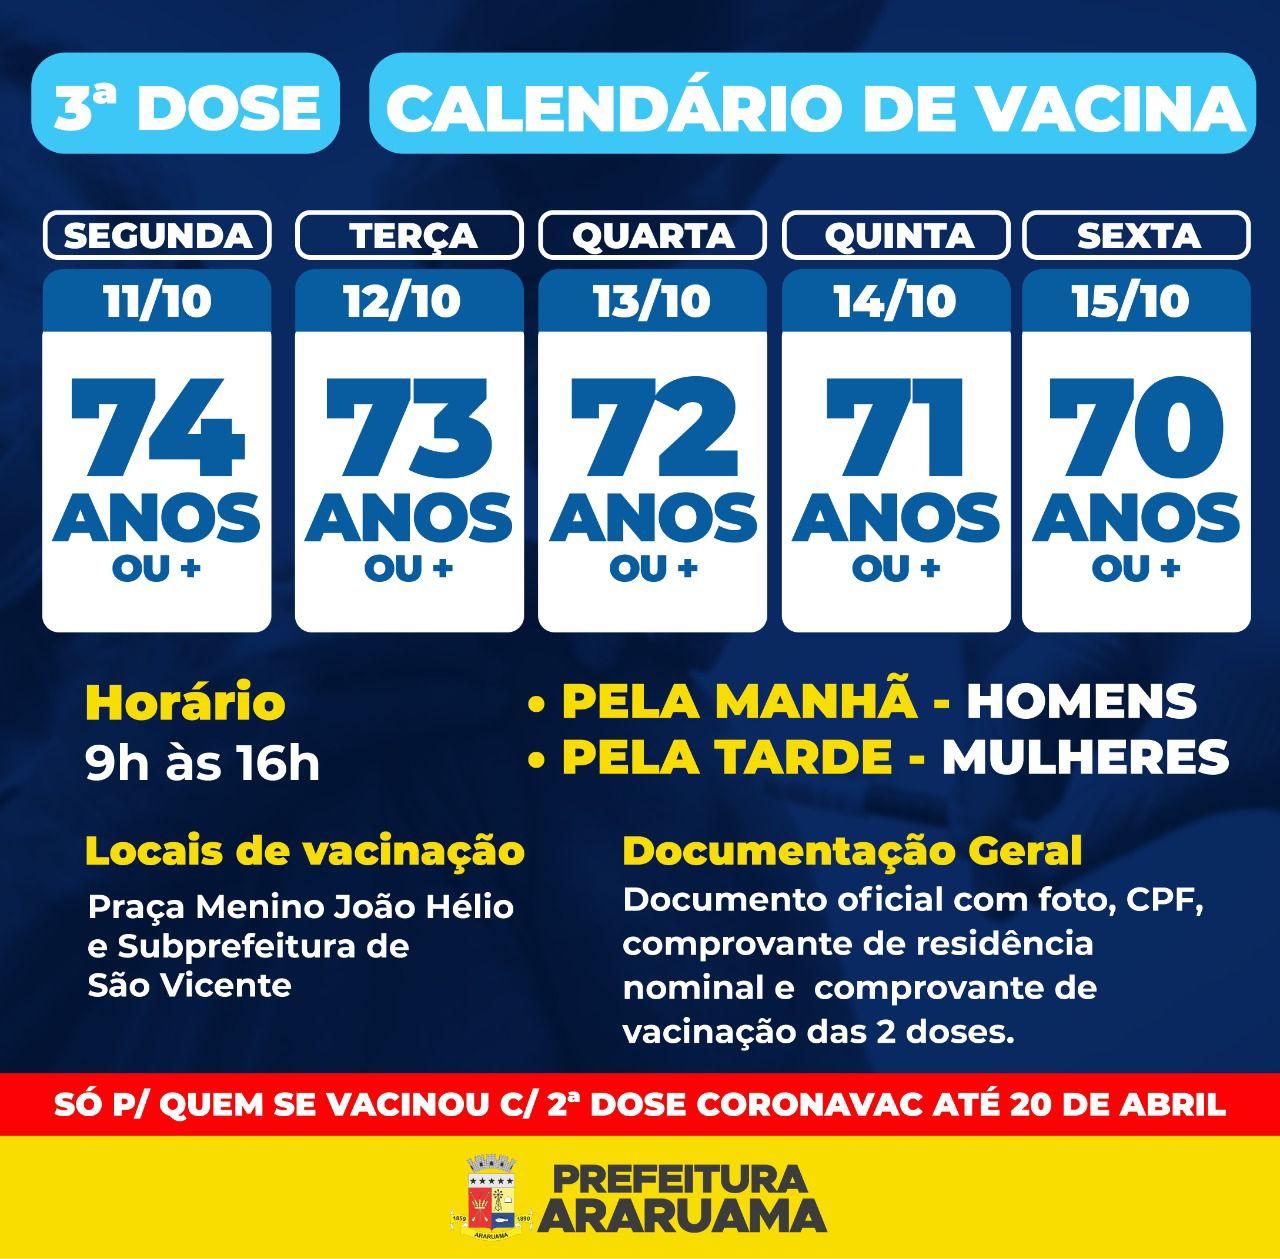 Calendário de vacinação da terceira dose para pessoas a partir de 70 anos